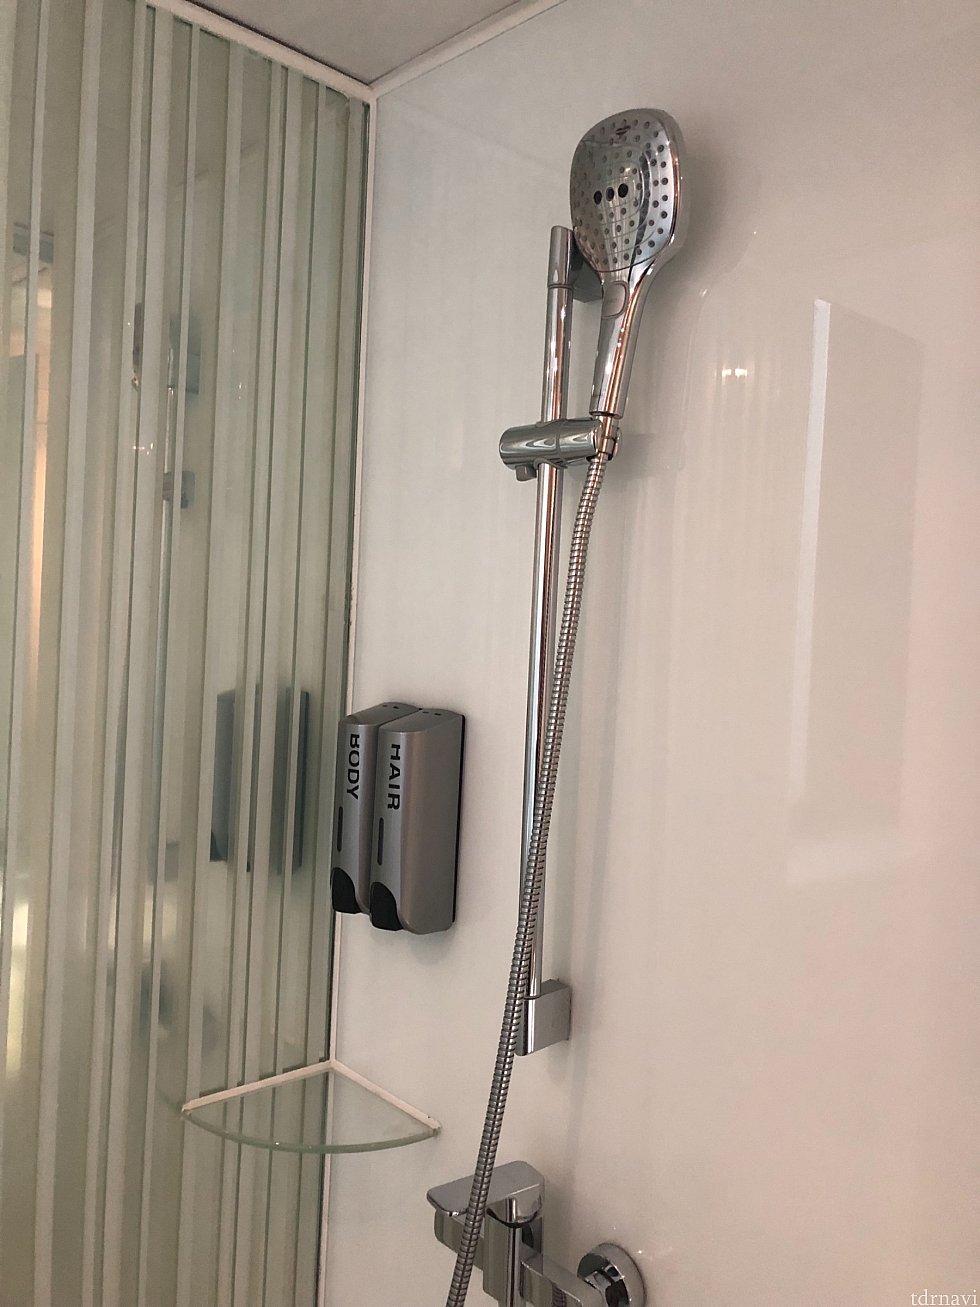 シャワーヘッドは可動式。水圧は問題なく、快適でした。